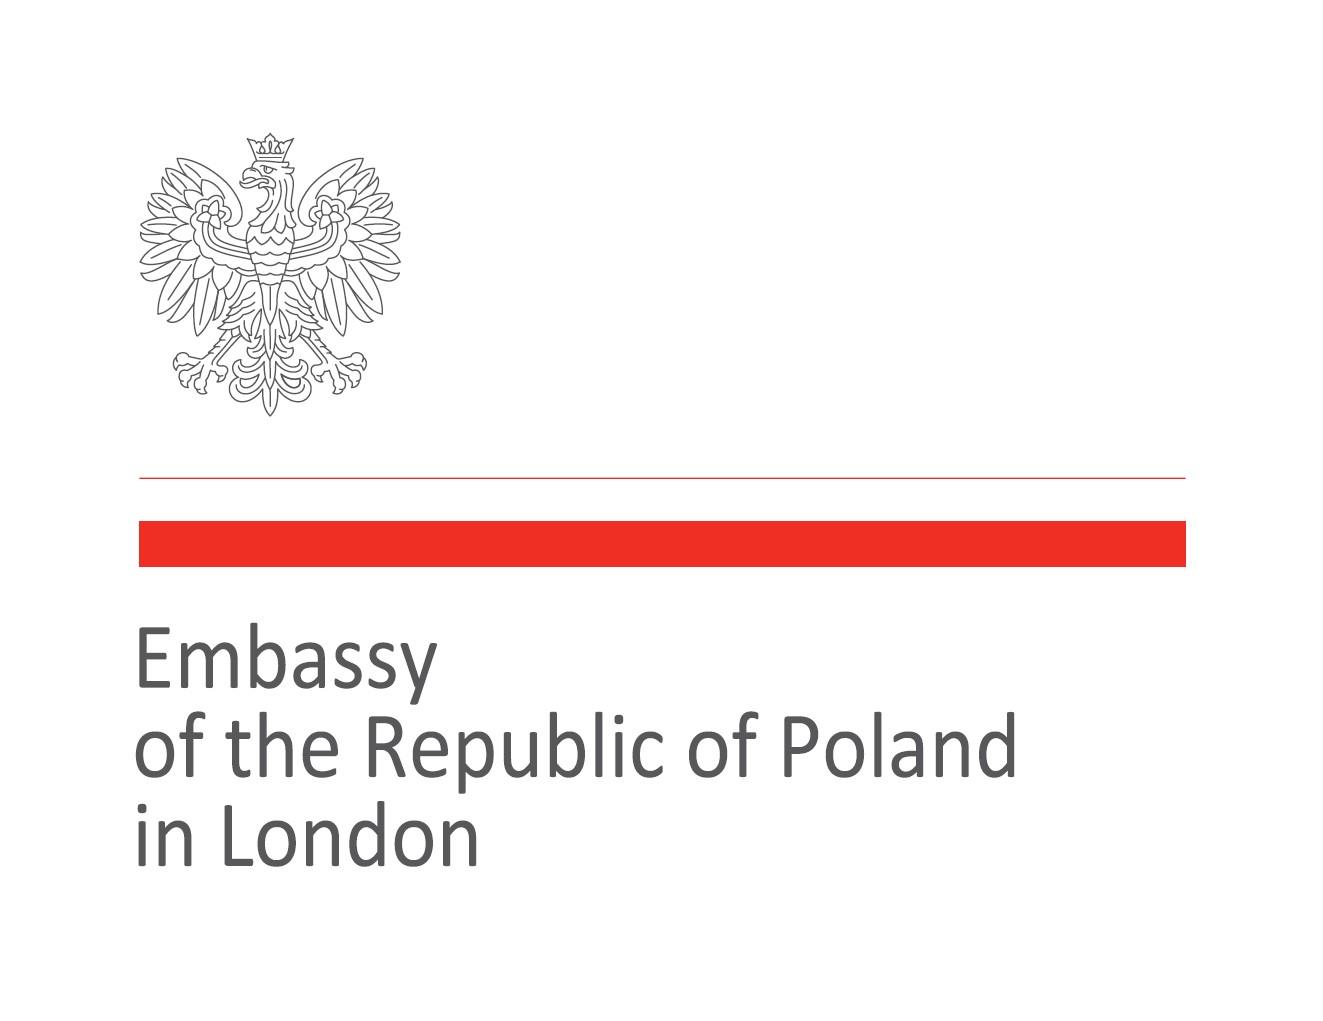 LONDYN, Wielka Brytania, AMB, pdf - EN -page-001.jpg